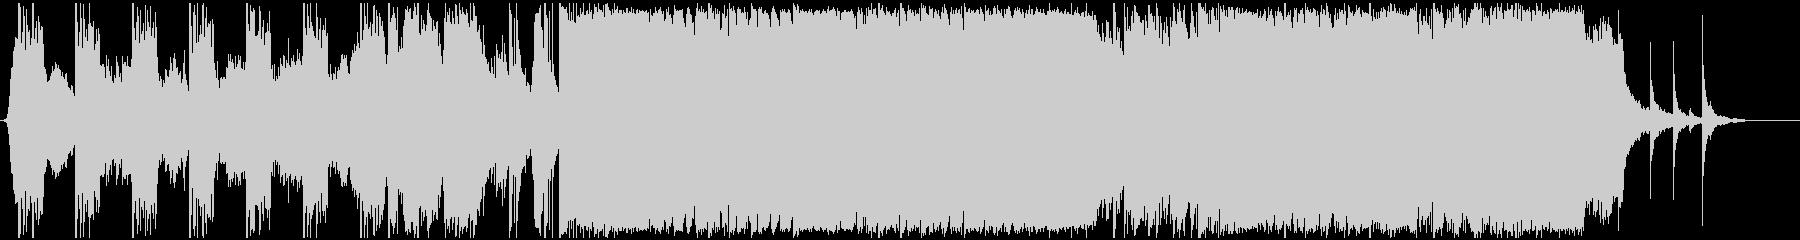 ハイブリッドなパイレーツトレーラーBGMの未再生の波形